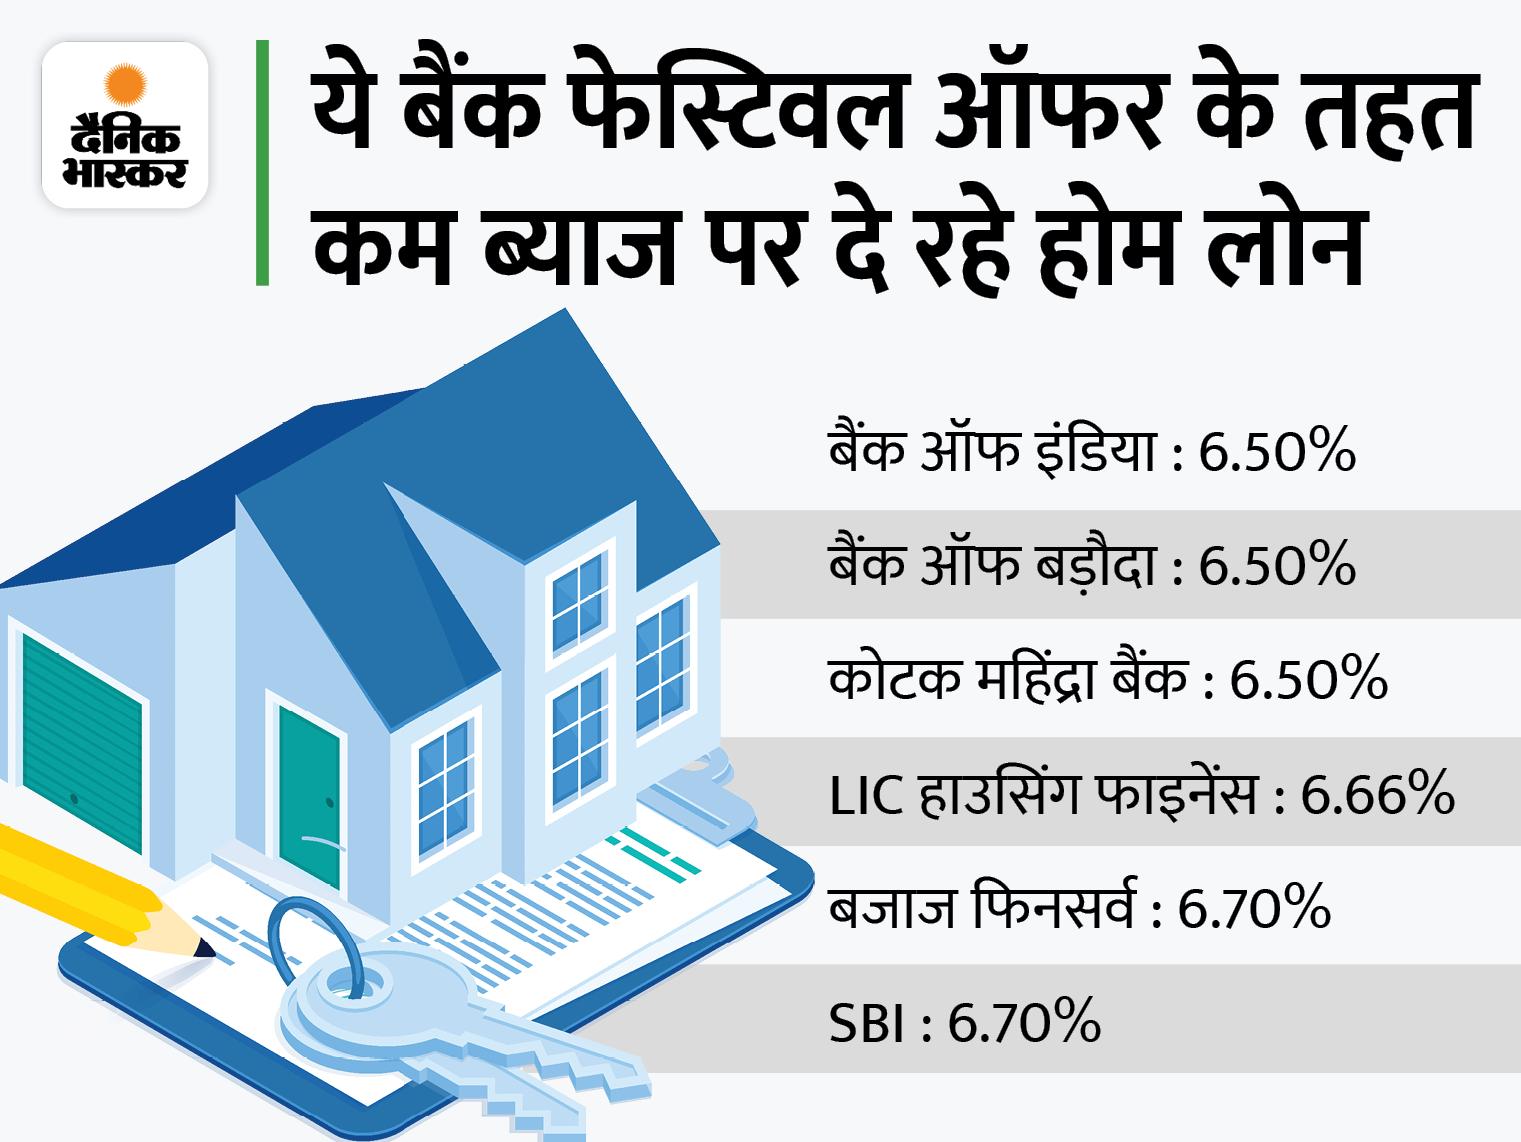 बैंक ऑफ इंडिया ने होम और व्हीकल लोन की ब्याज दरों में कटौती की, प्रोसेसिंग फीस भी नहीं देनी होगी यूटिलिटी,Utility - Dainik Bhaskar